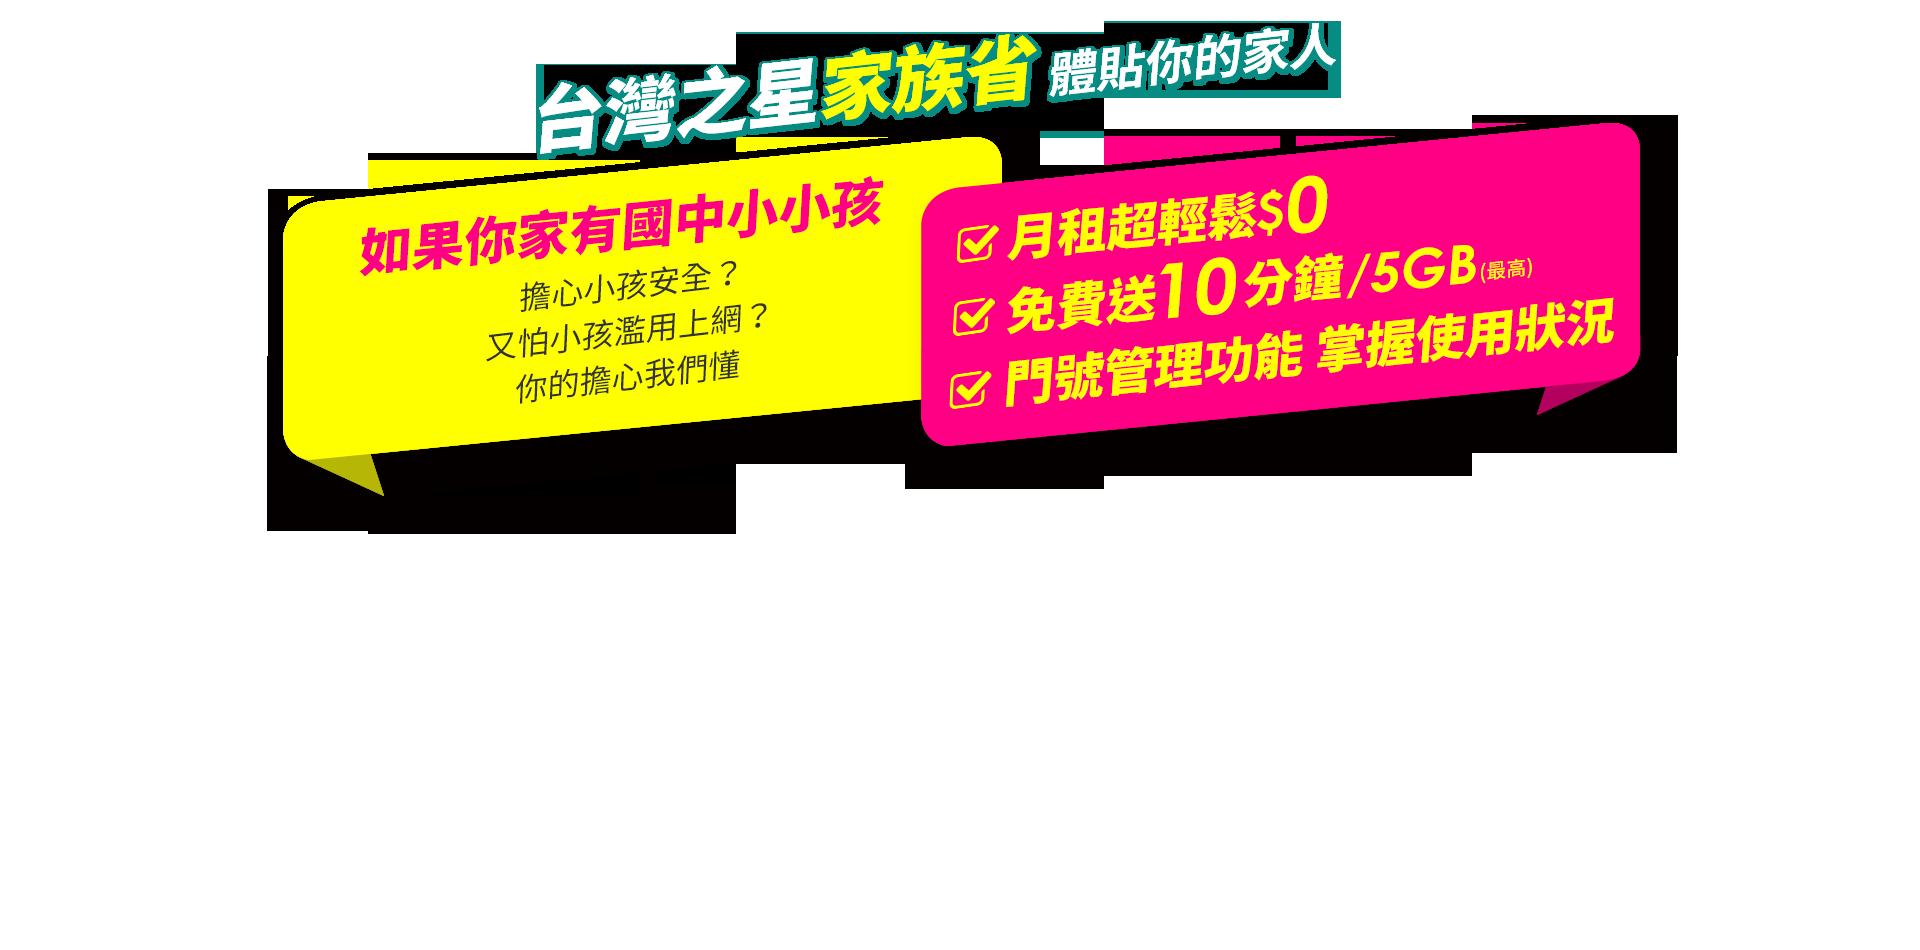 台灣之星家族省 體貼你的家人